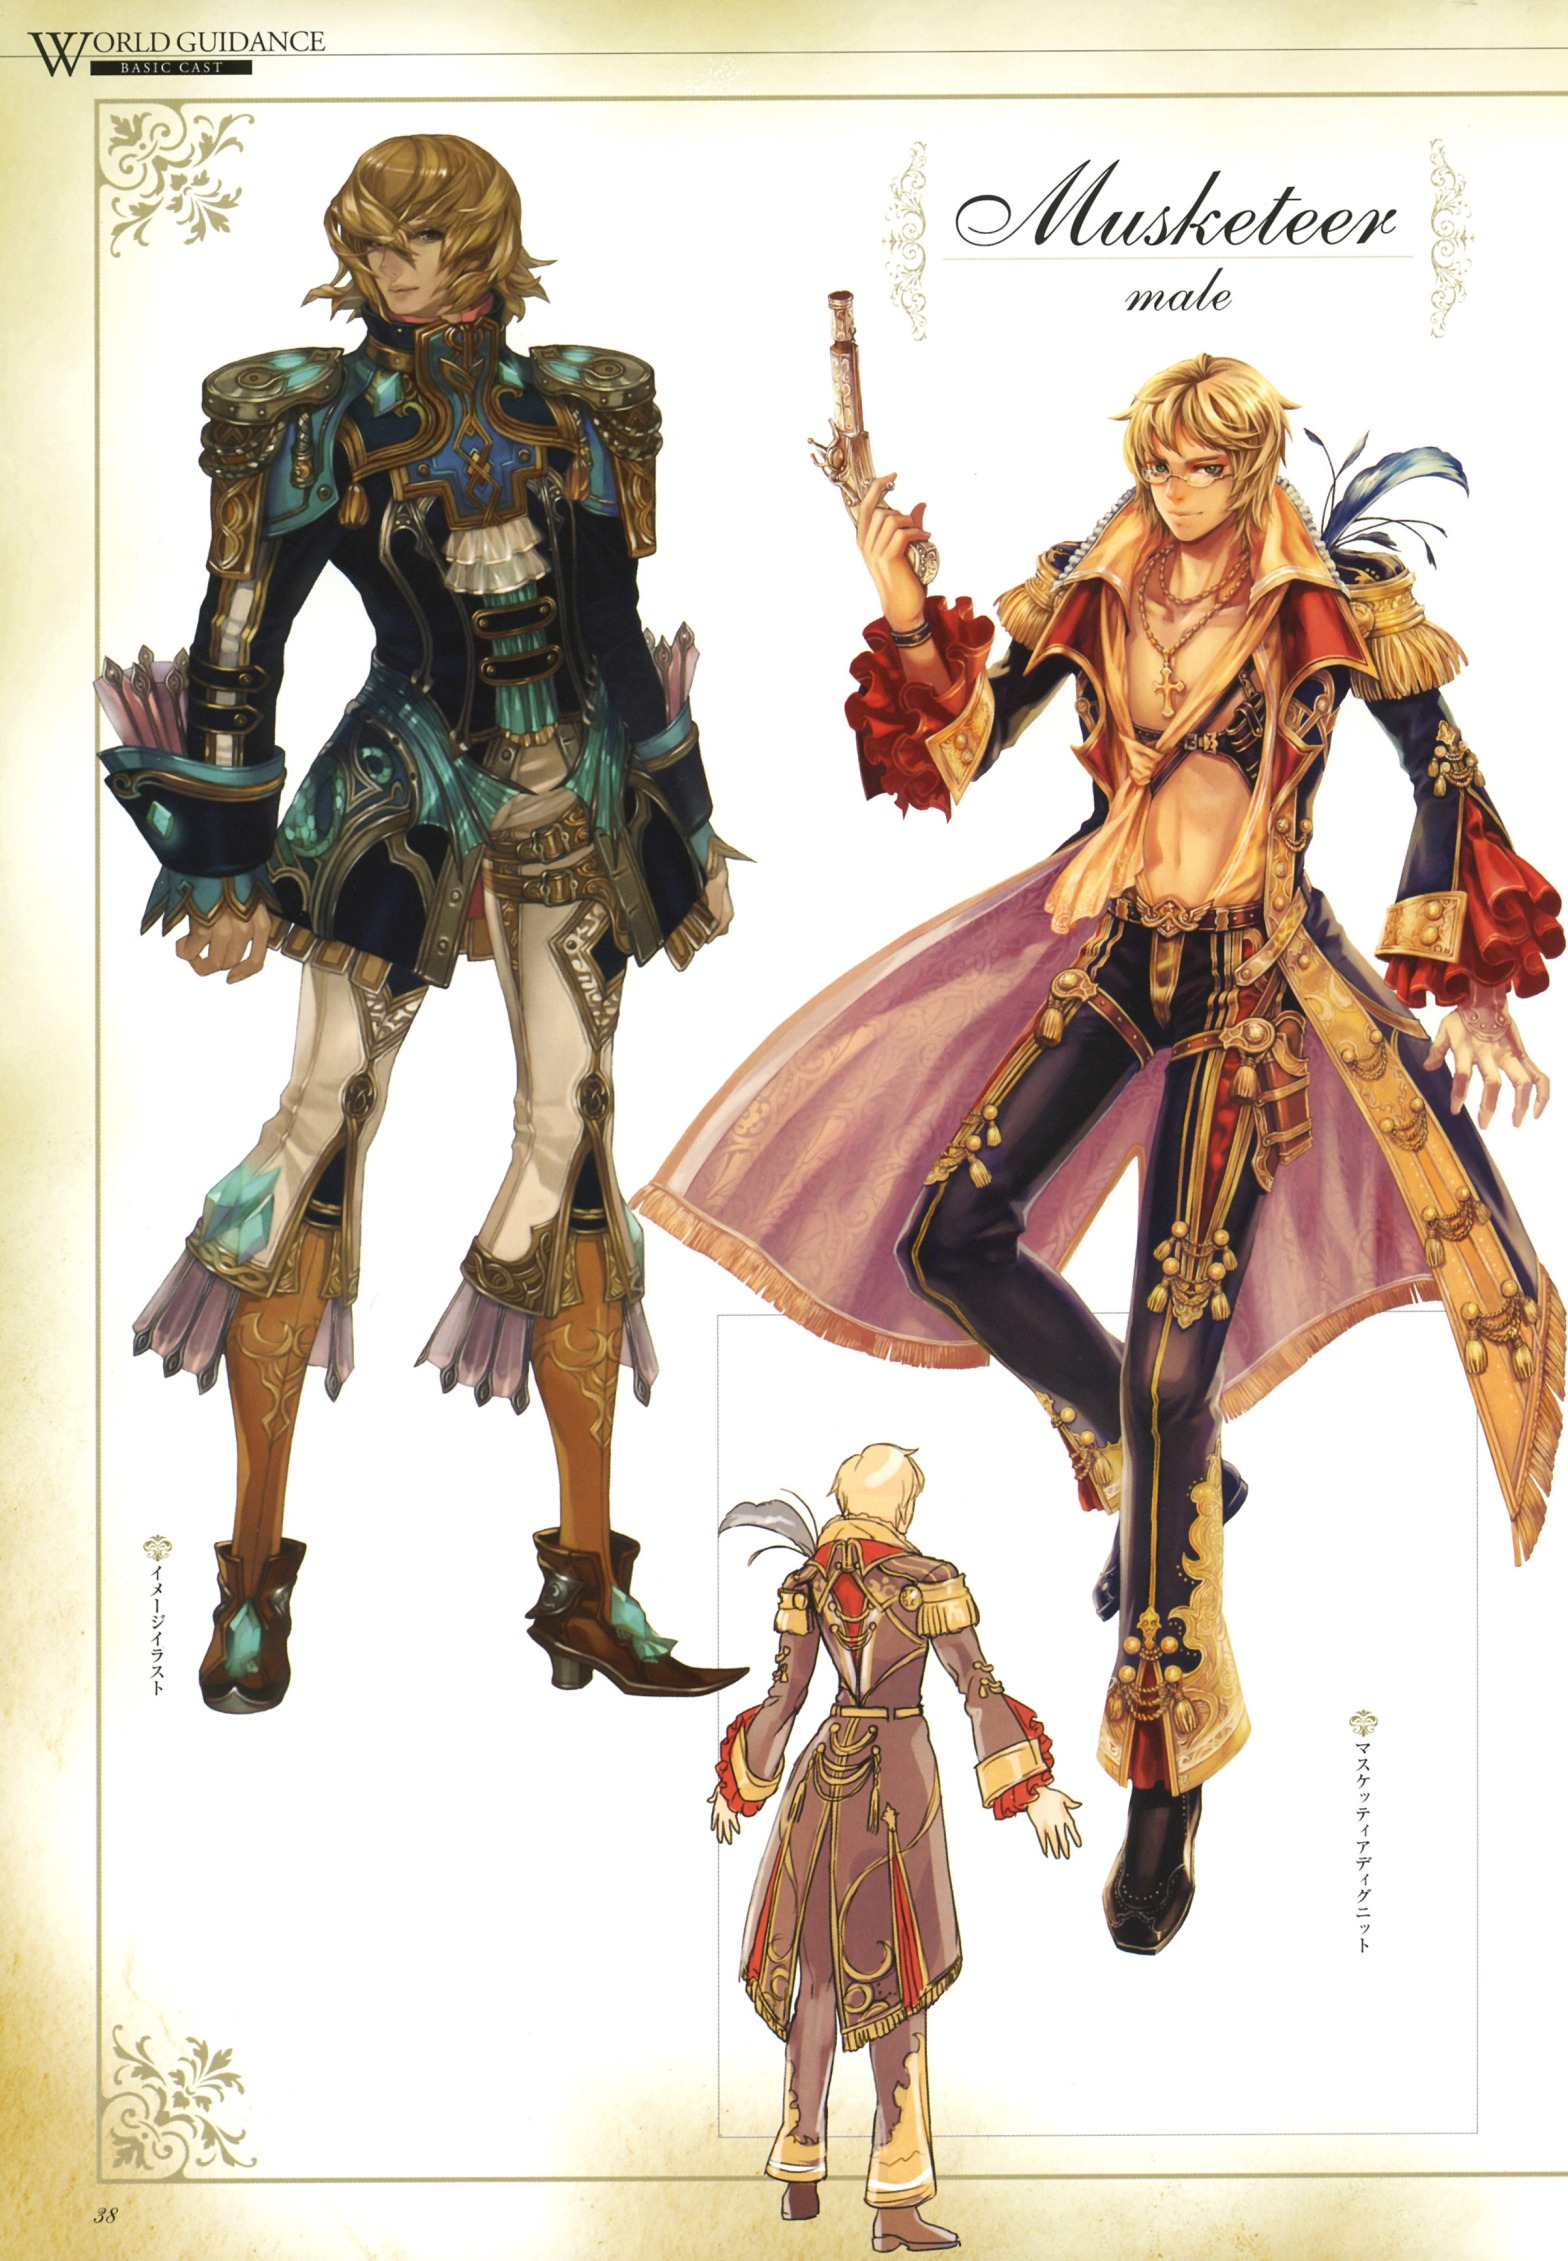 Granado Espada Twin Blades of Spirit Stance, Games, Online Games, Video Games